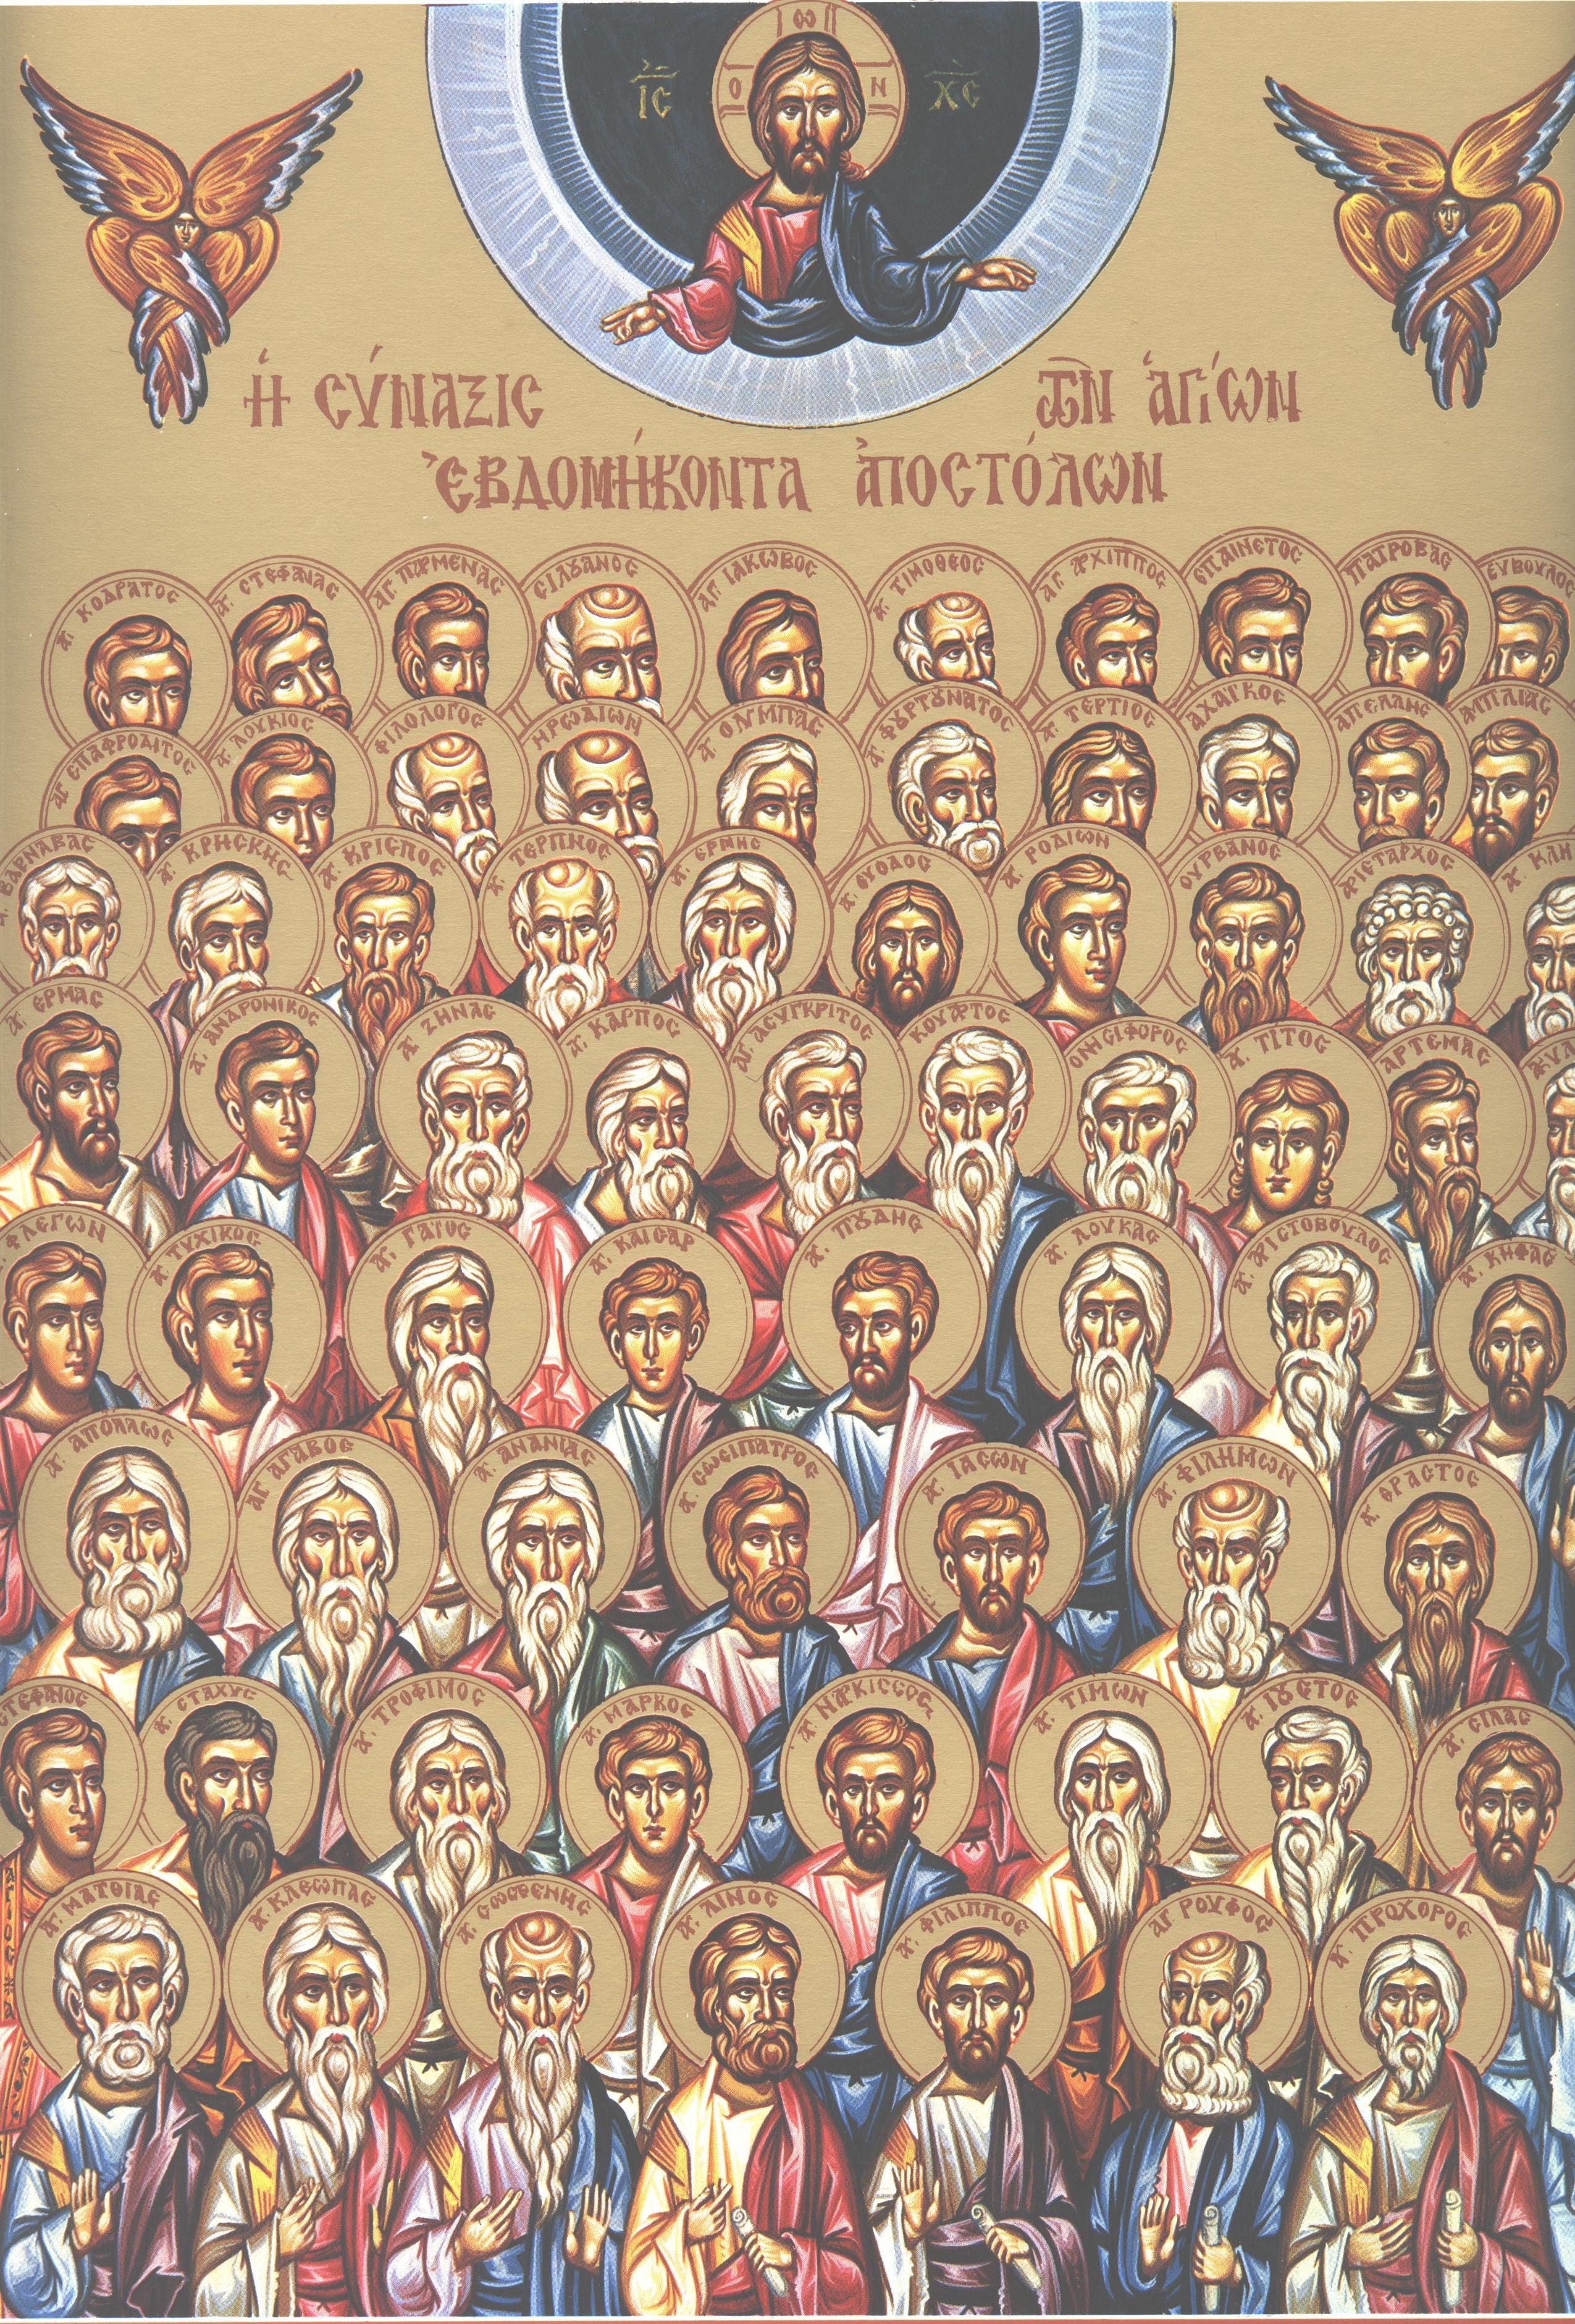 Σύναξις Εβδομήκοντα Αποστόλων